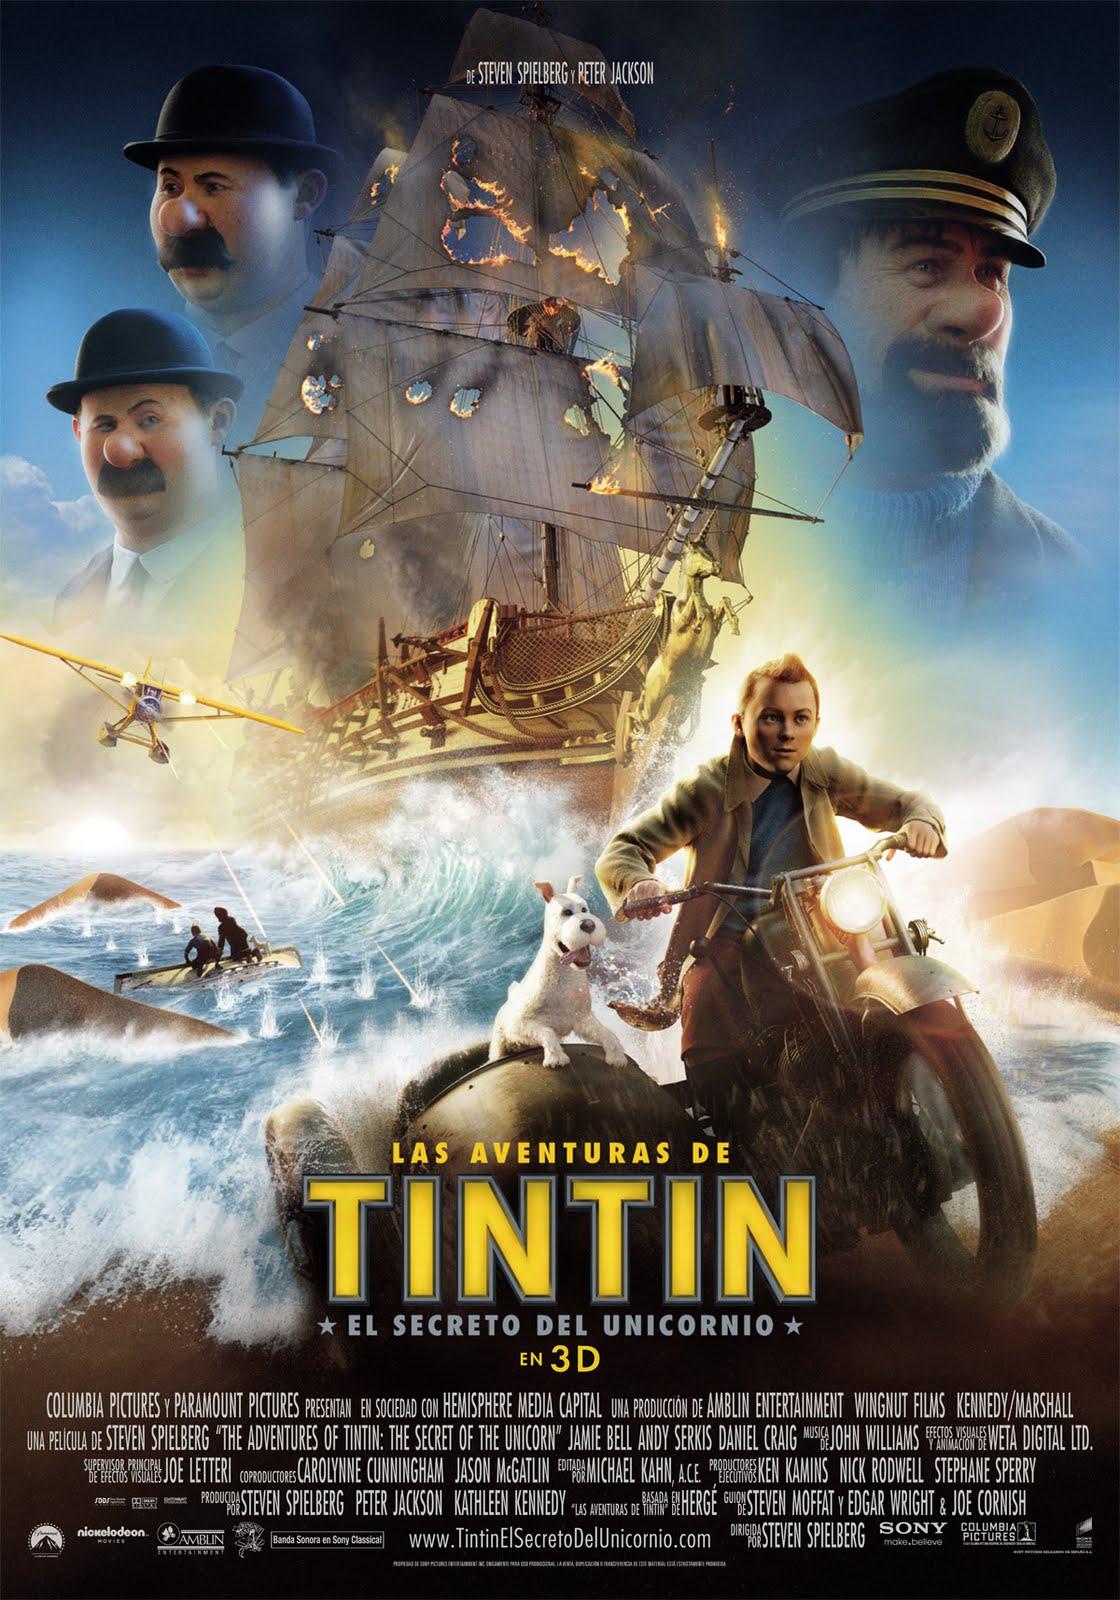 ... español de 'Las aventuras de Tintín: El Secreto del Unicornio